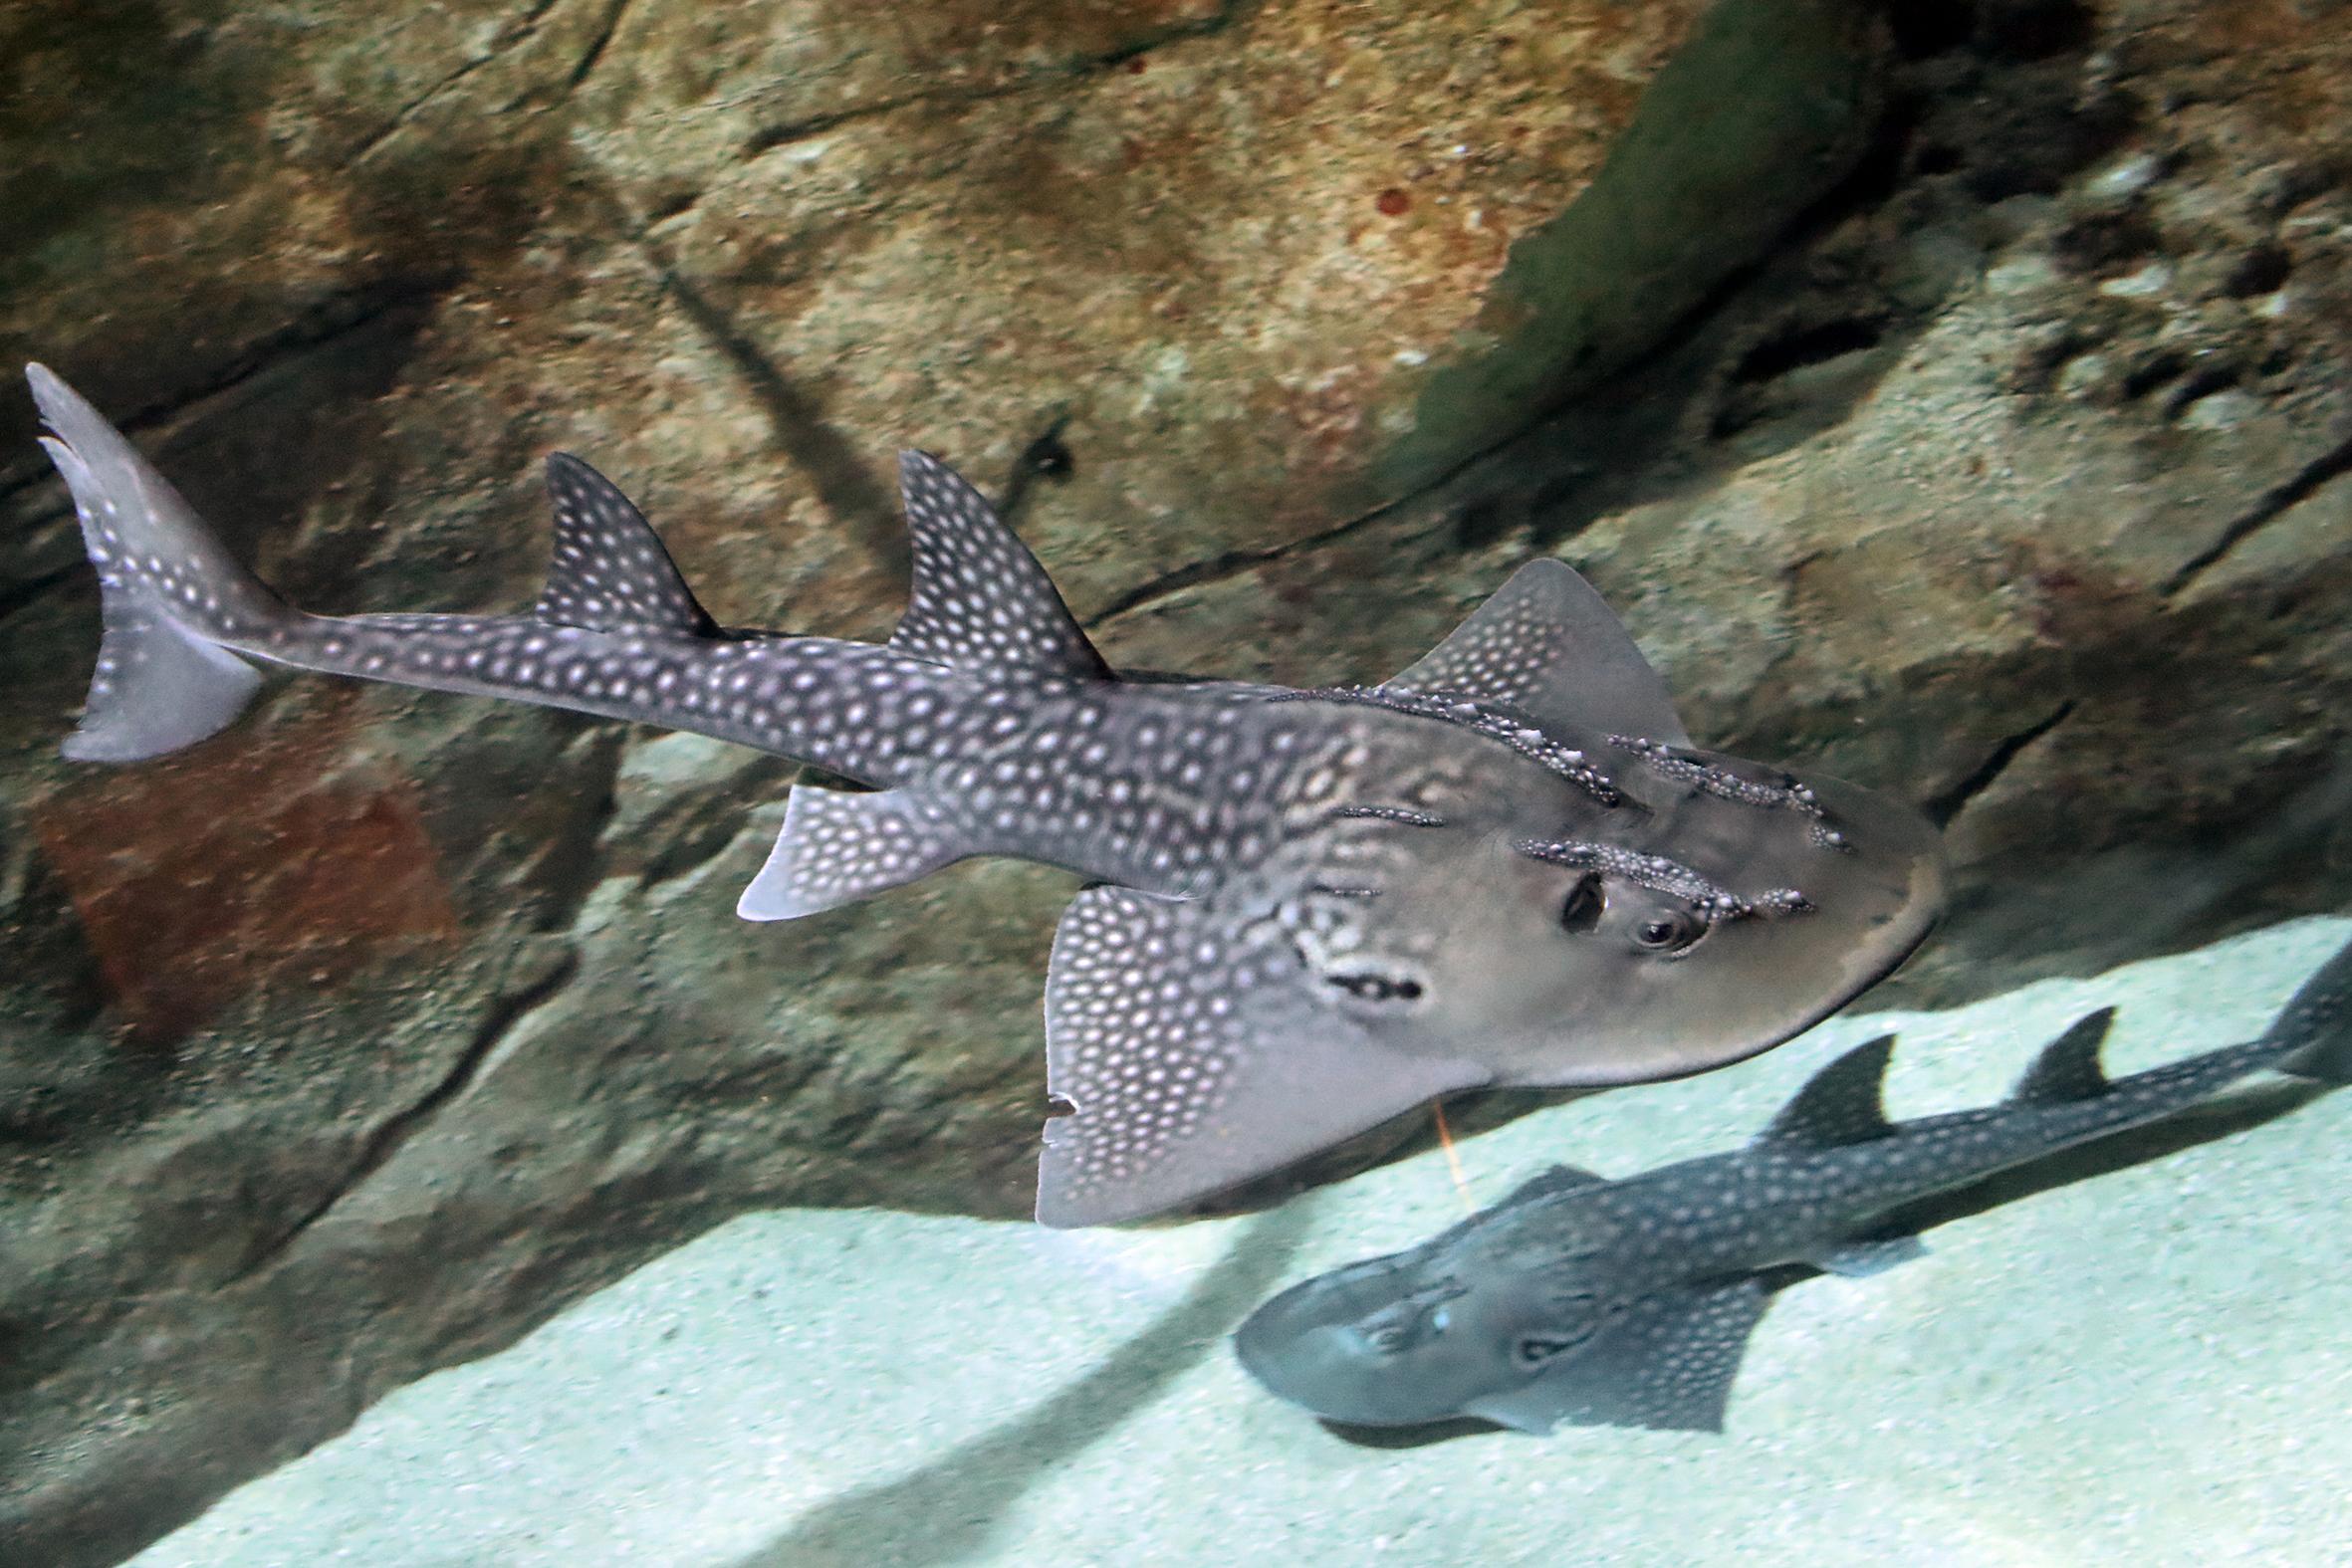 Raie Guitare - Aquarium Biarritz